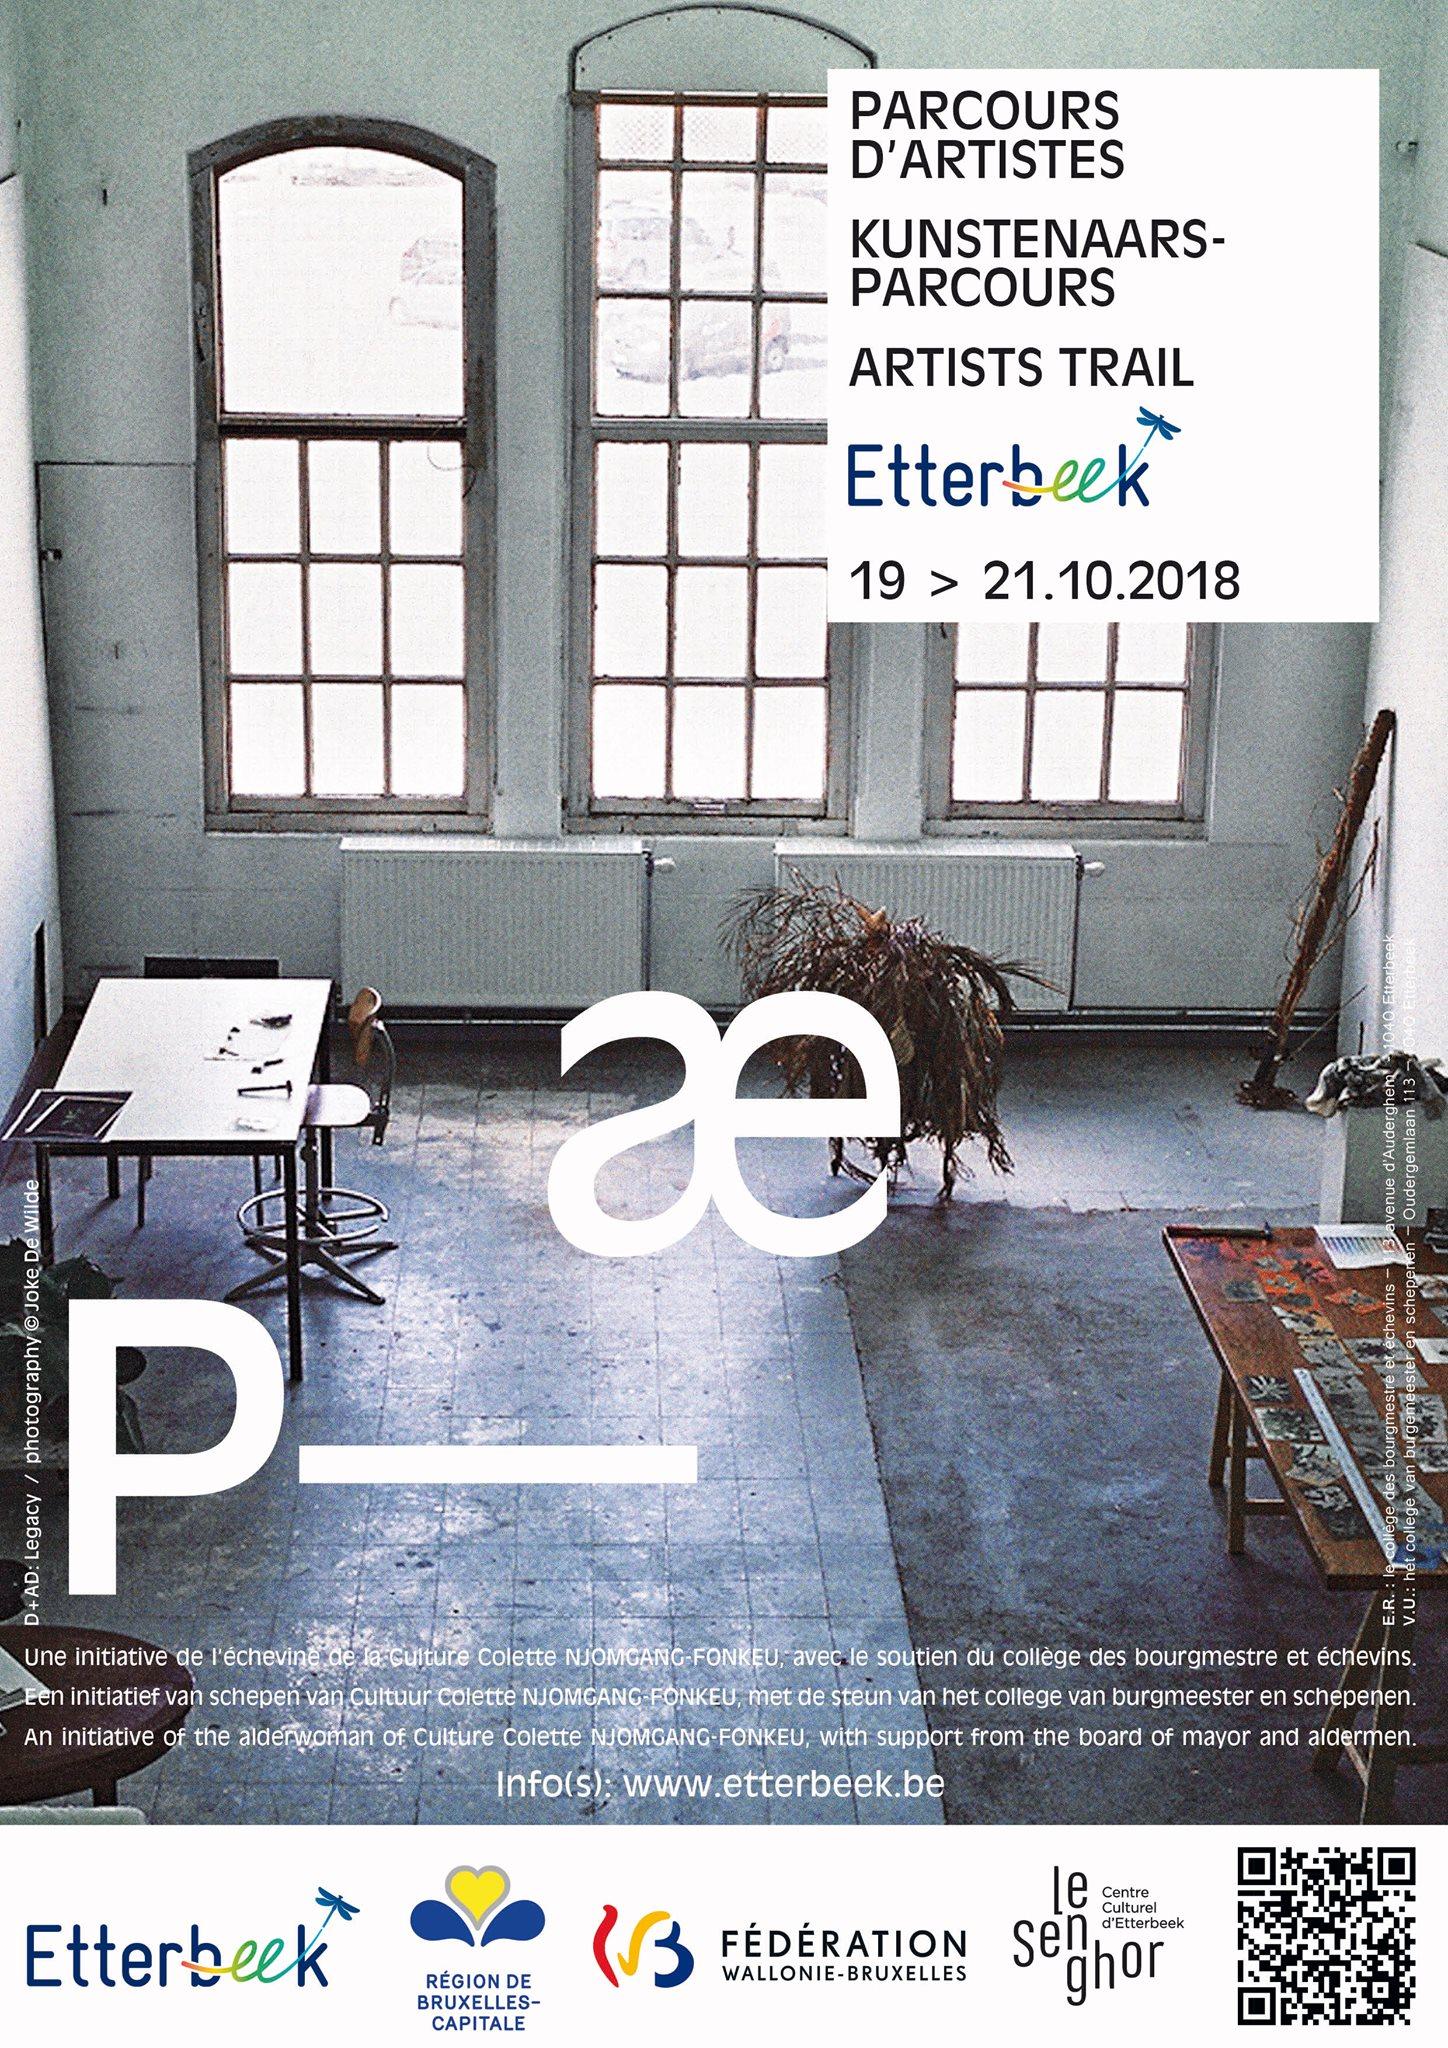 Parcours Artistes Etterbeek 2018